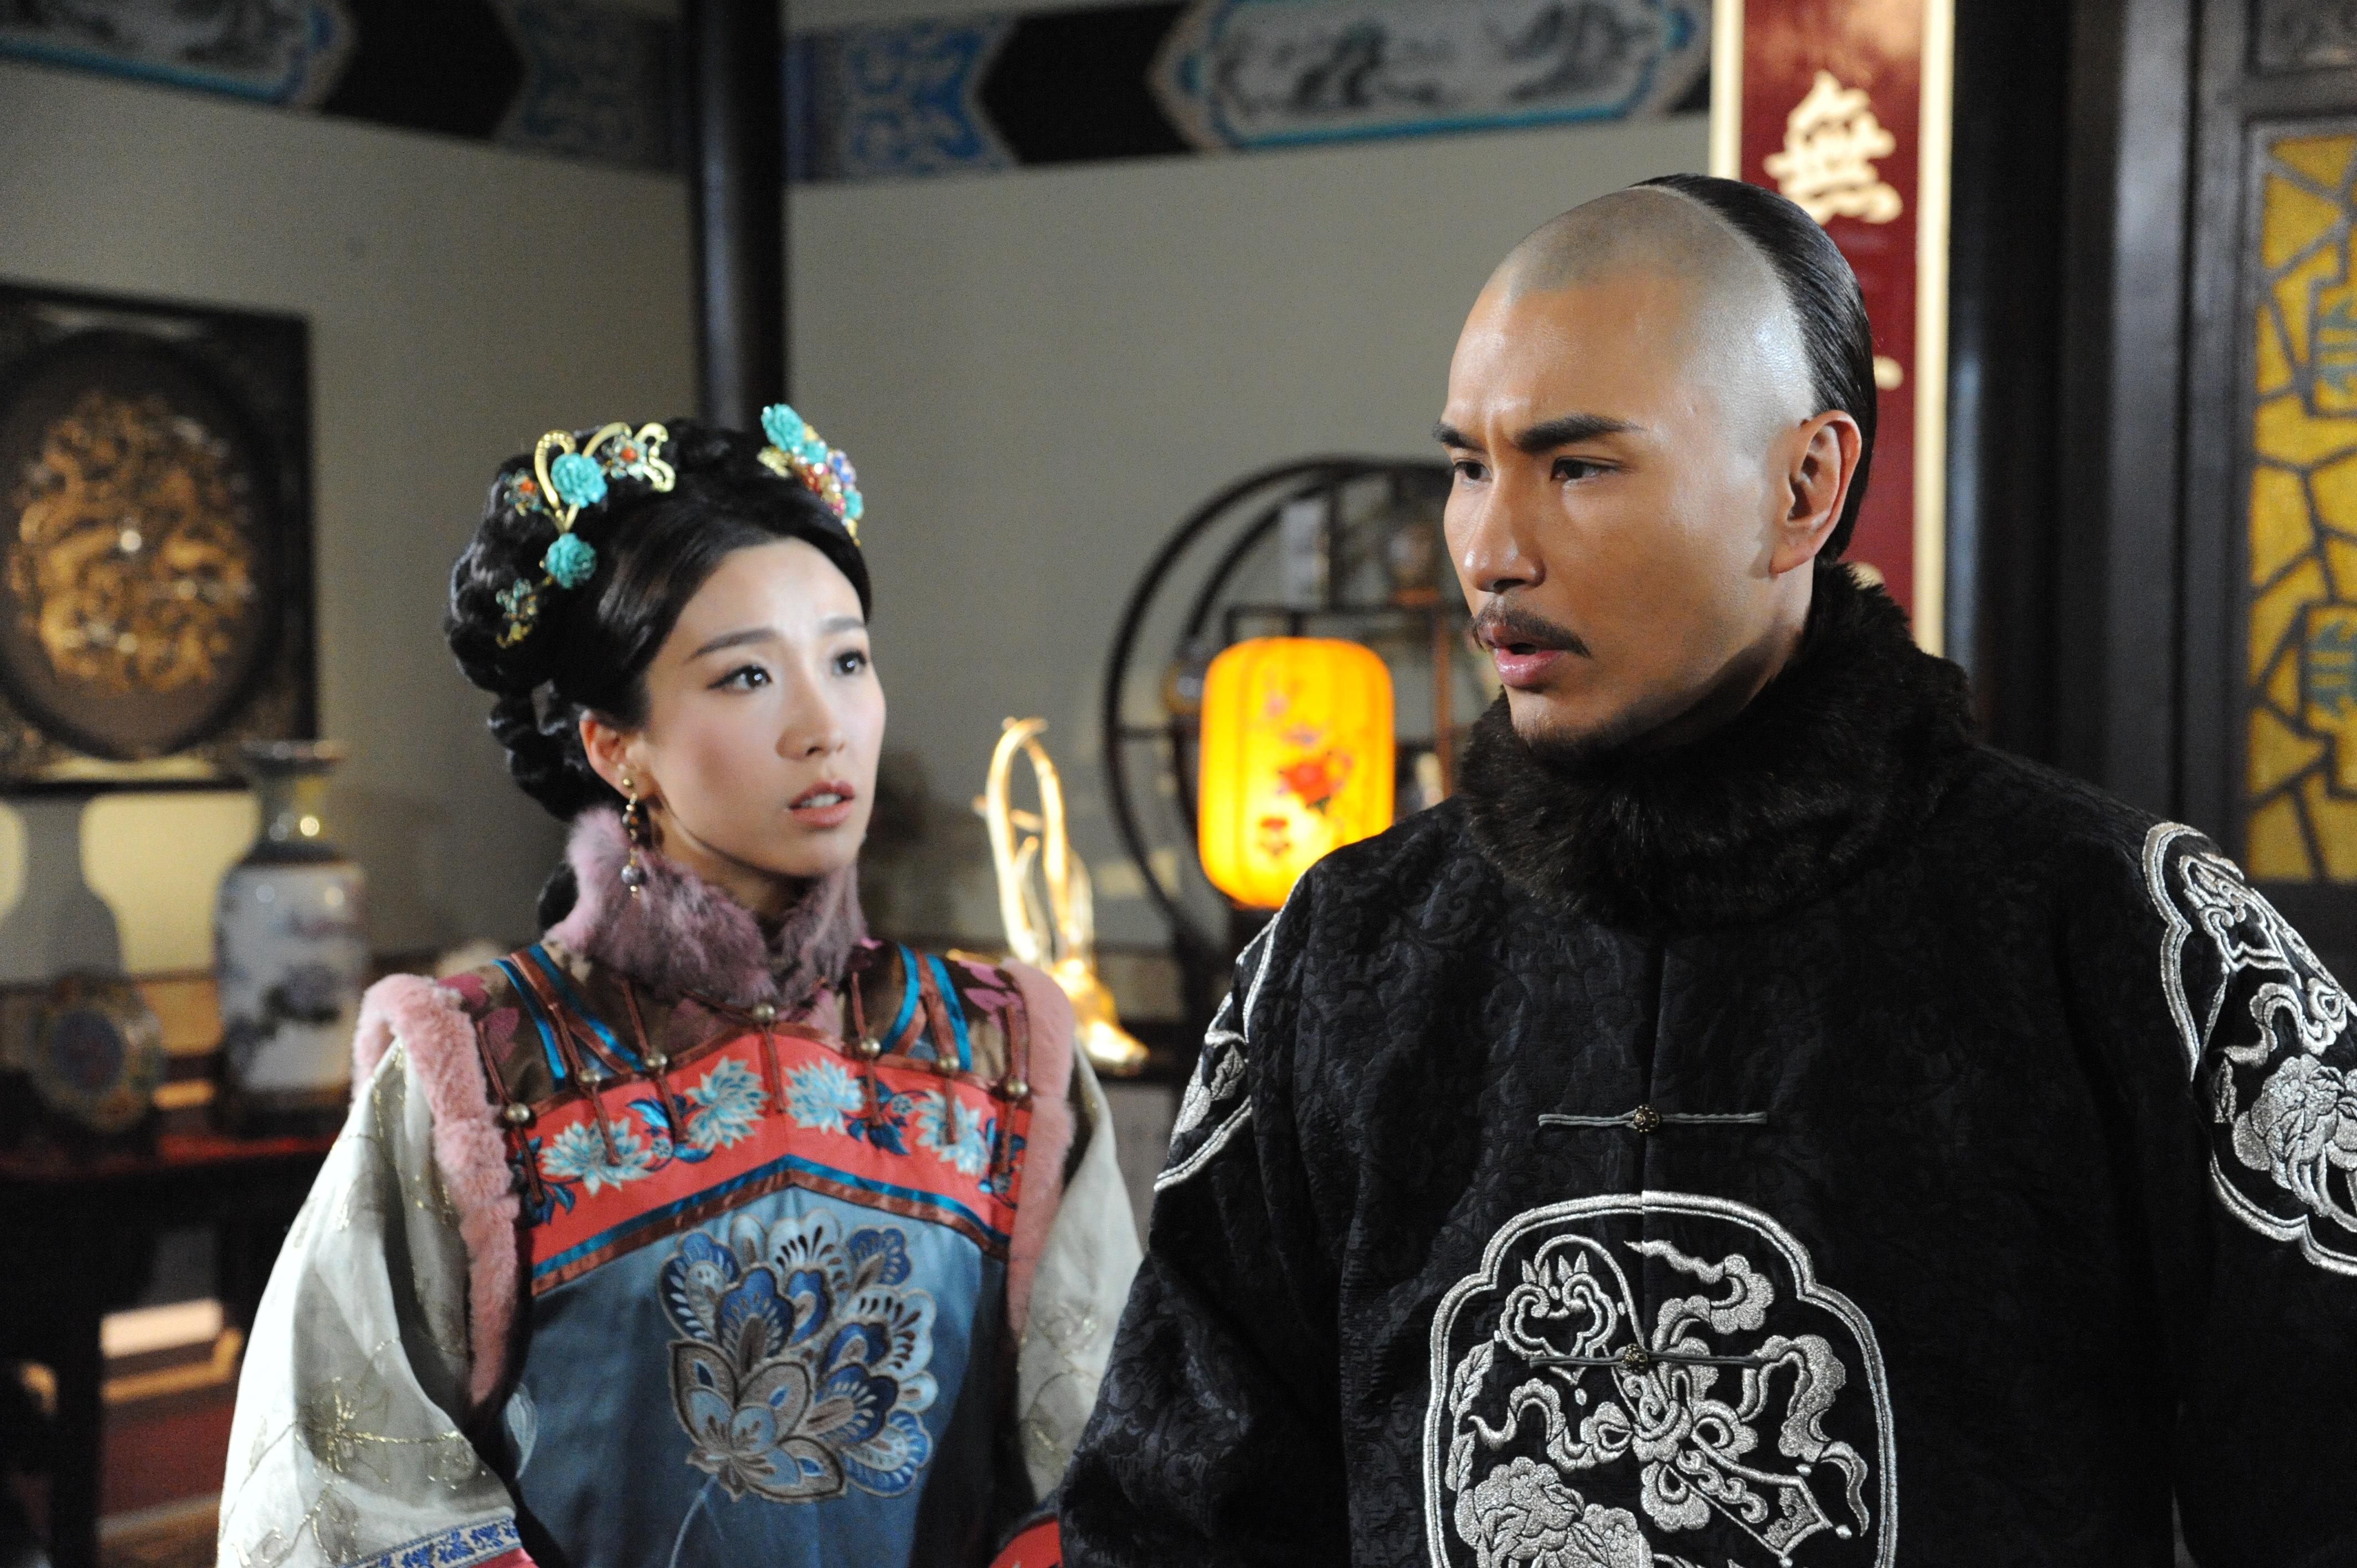 劇集《天命》中姚子羚飾演陳展鵬的二太太,兩人有不少感情戲。